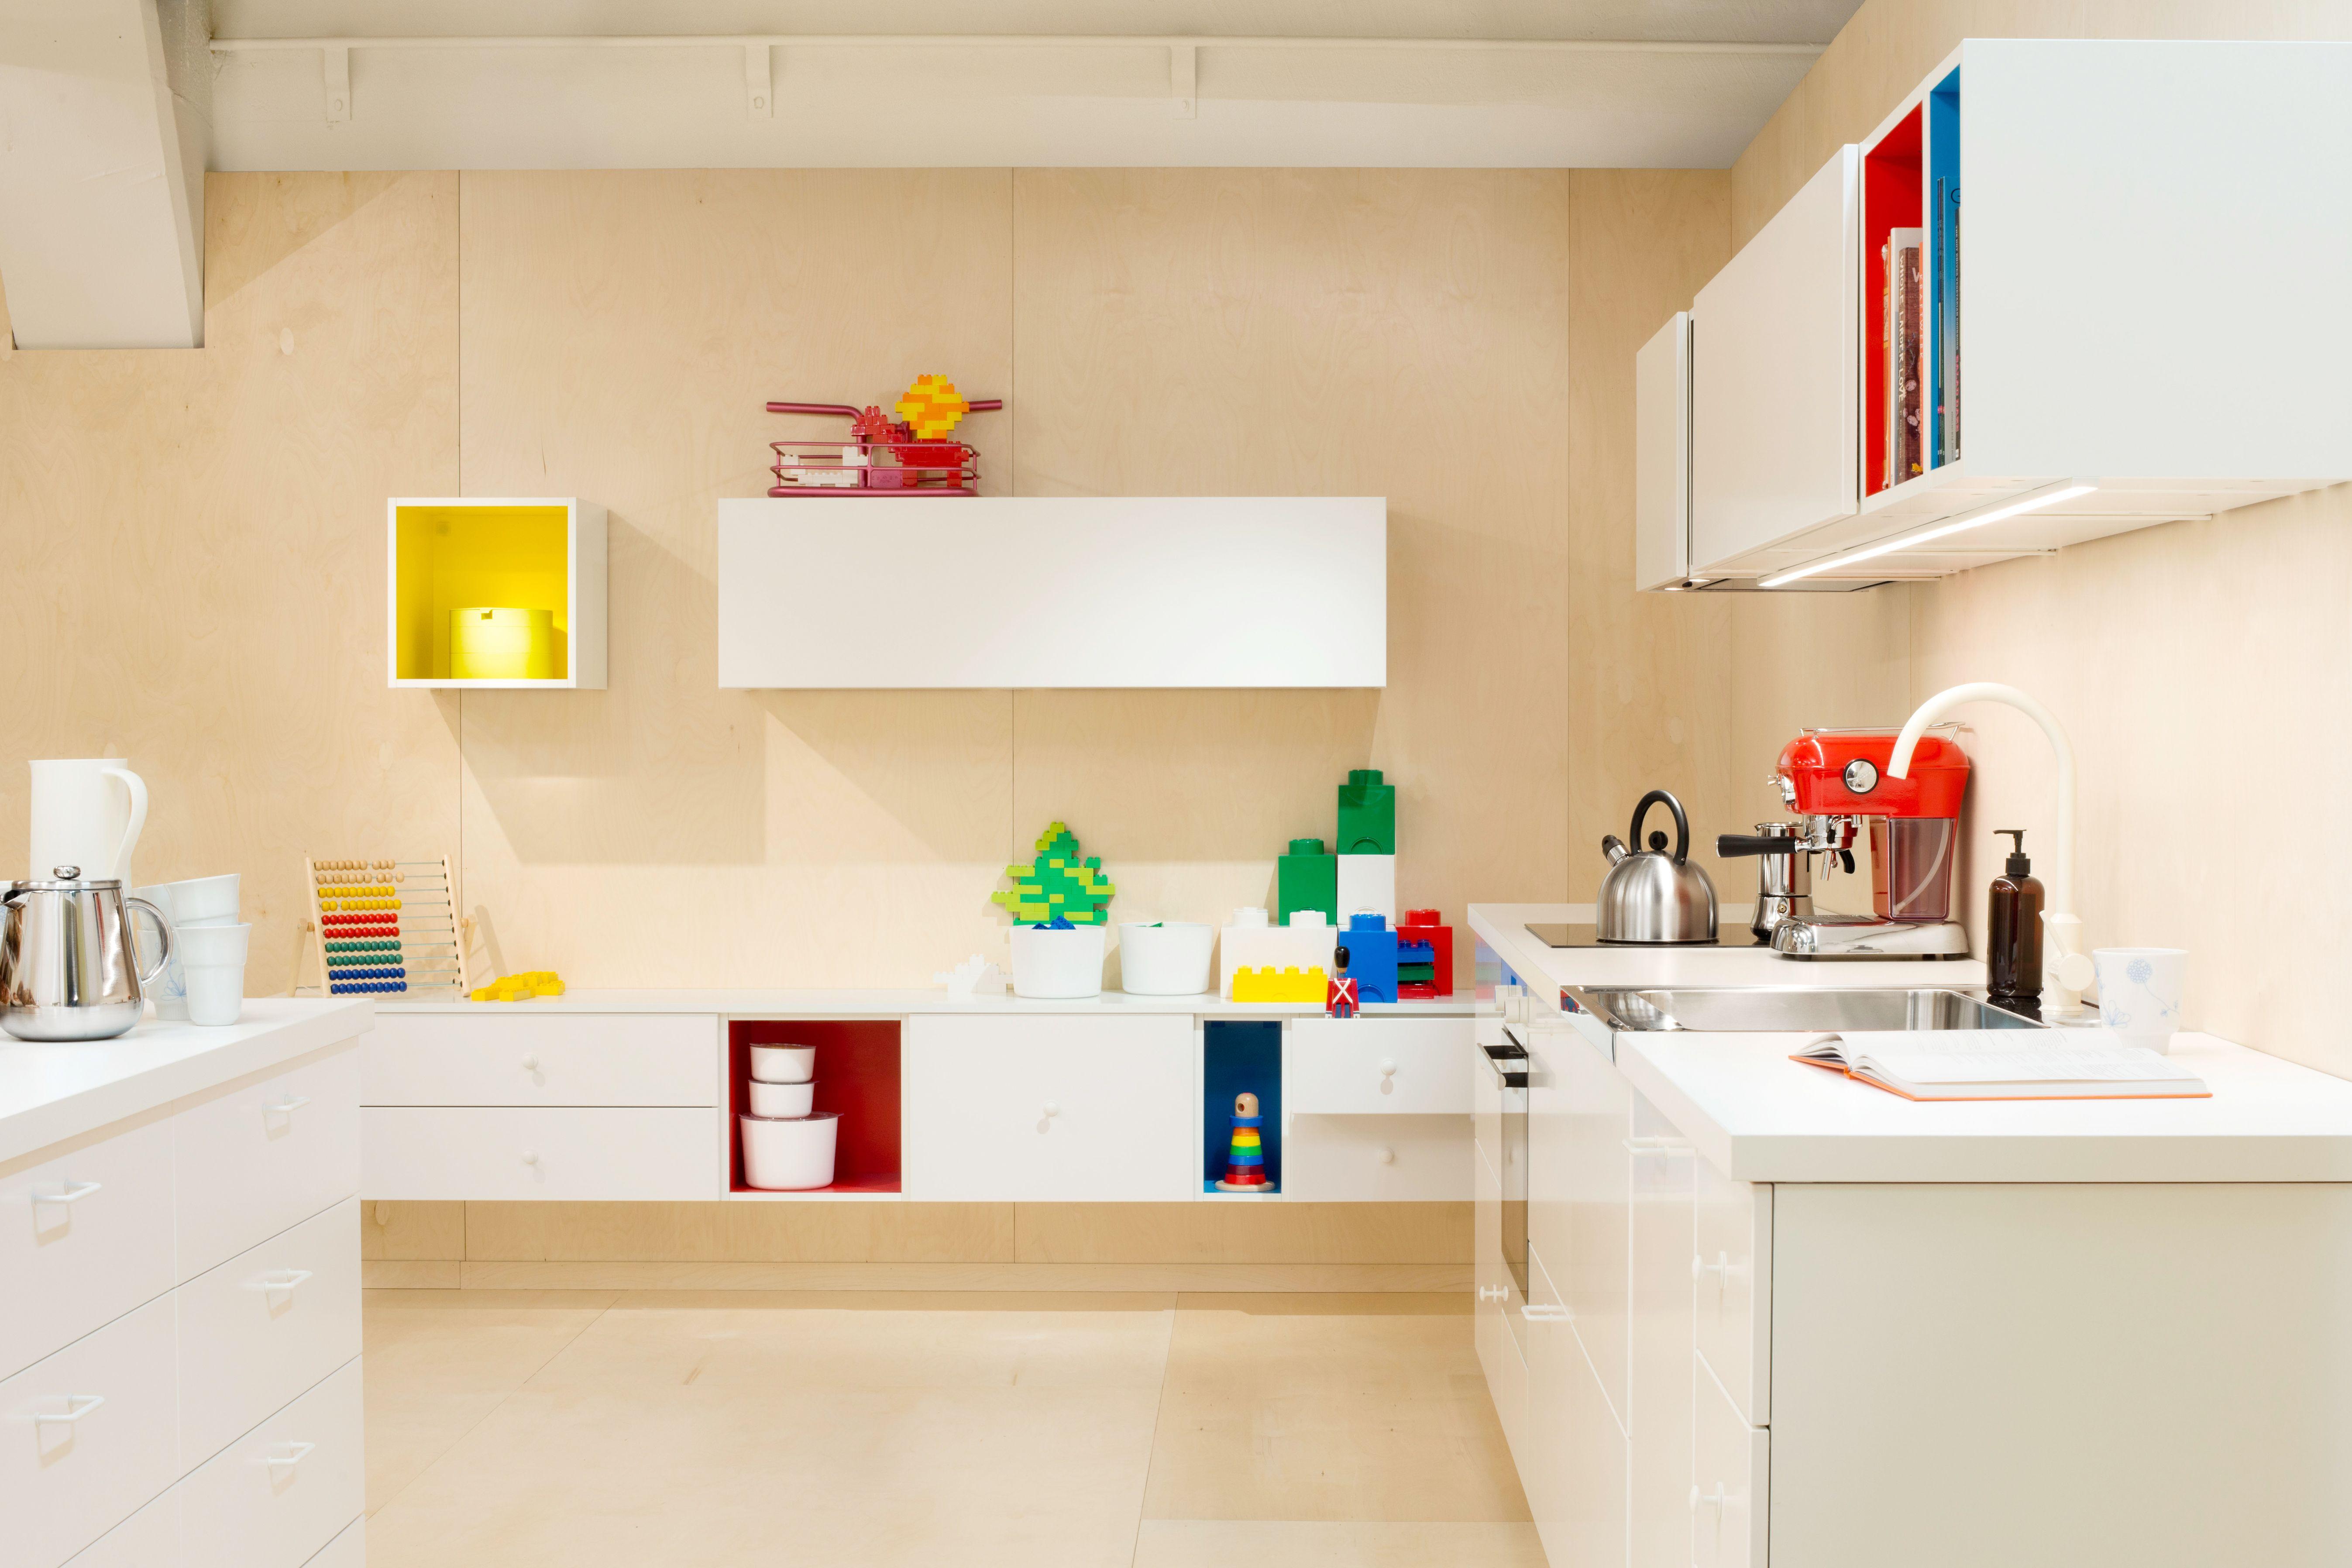 Ikea kitchen news - Ikea\'s Metod kitchen is coming soon. | Kitchen ...